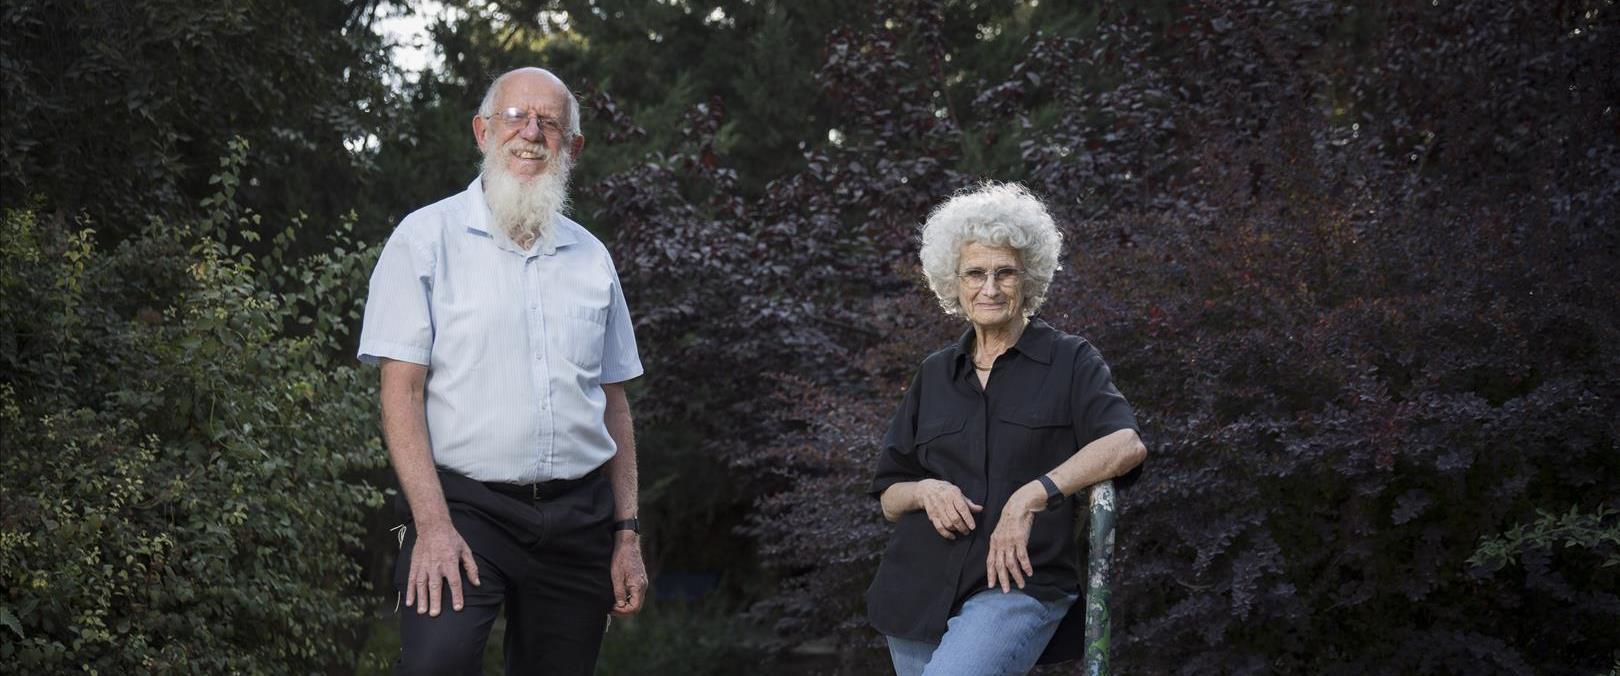 פרופסור רות גביזון והרב יעקב מדן